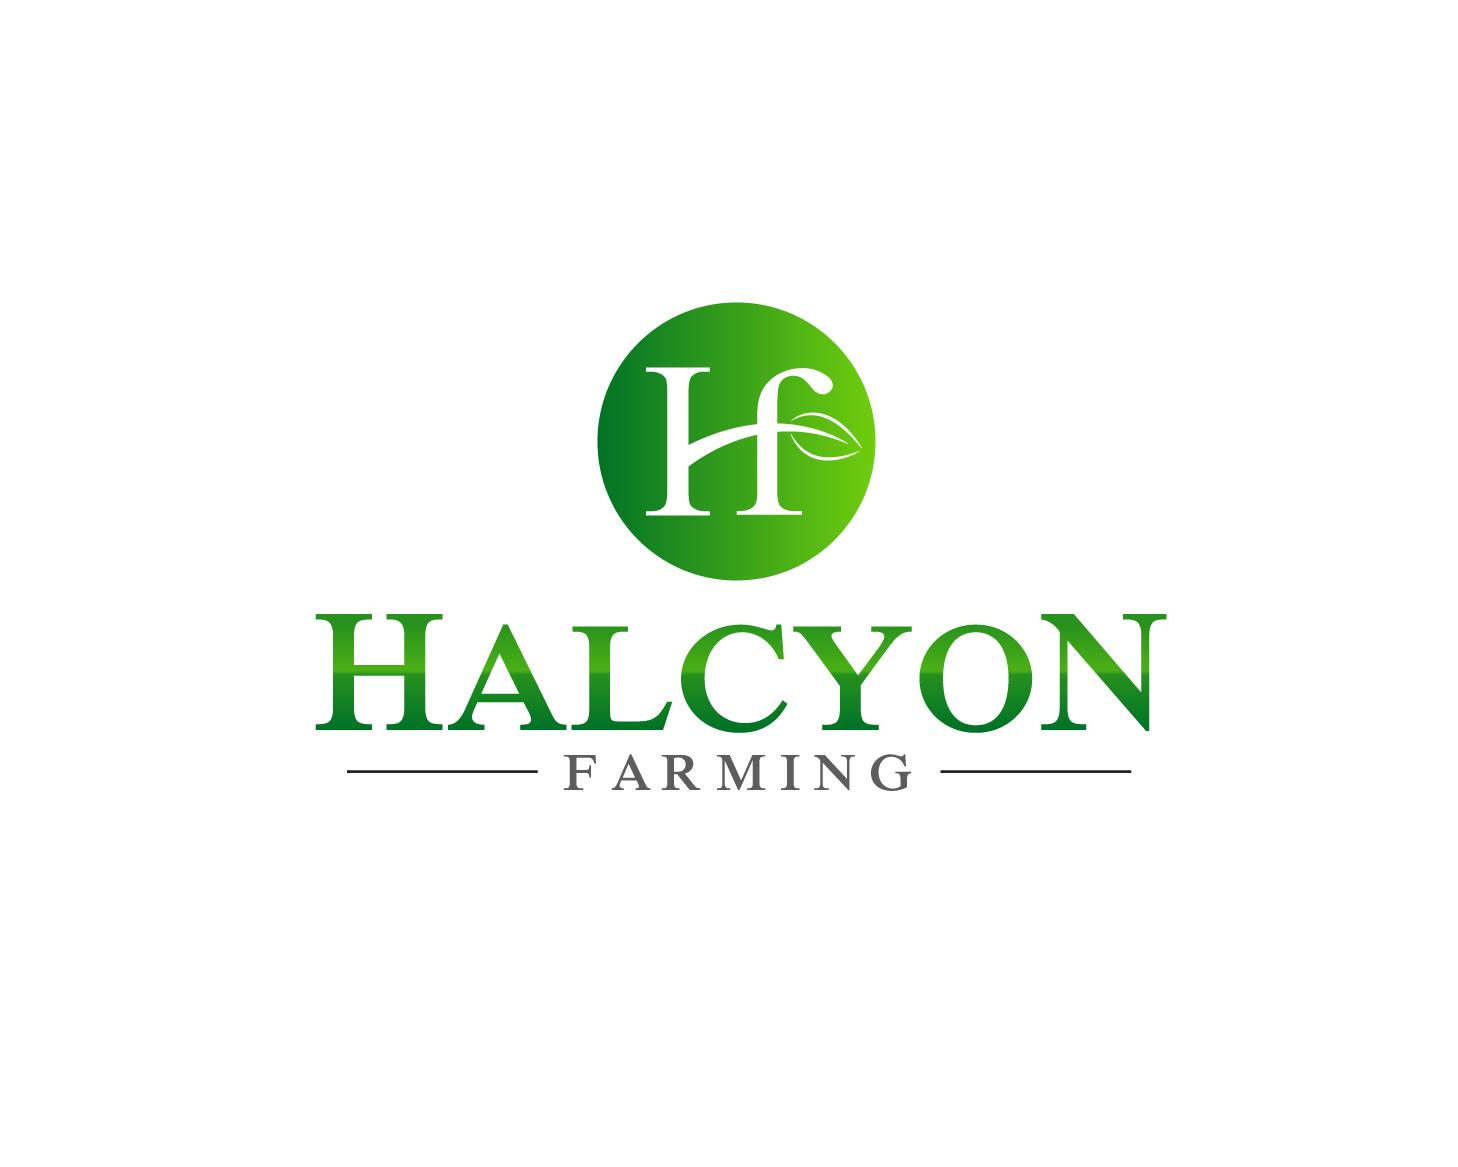 Logo Design by Allan Esclamado - Entry No. 1 in the Logo Design Contest Creative Logo Design for Halcyon Farming.